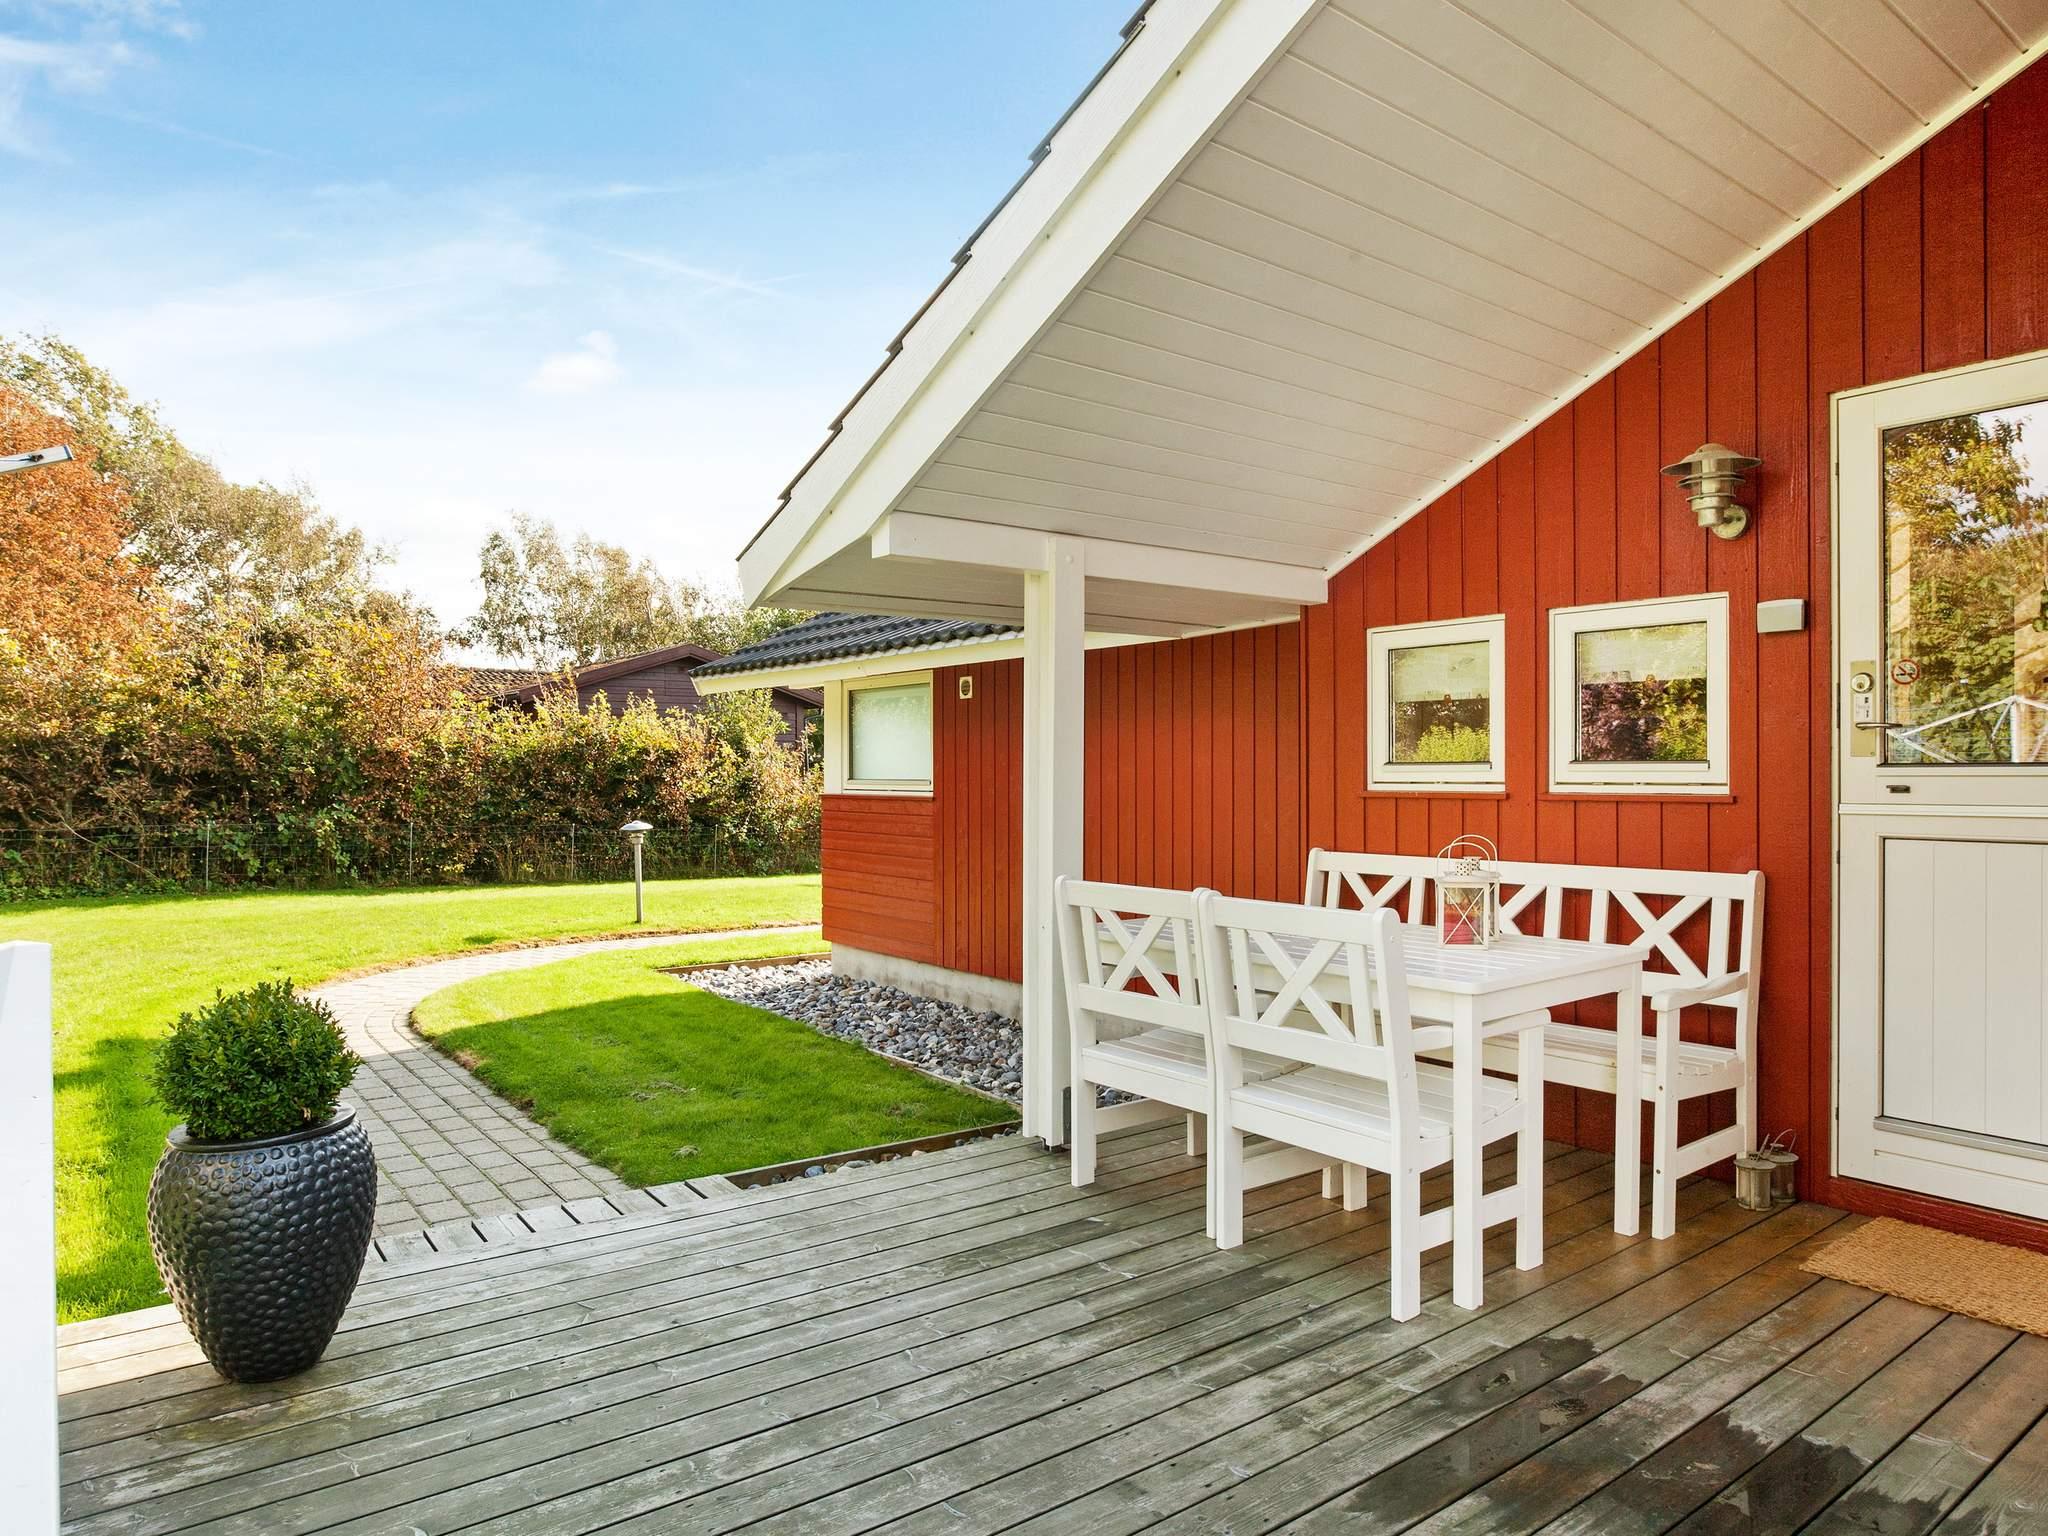 Ferienhaus Kelstrup Strand/Sjælland (84746), Kelstrup, , Westseeland, Dänemark, Bild 19